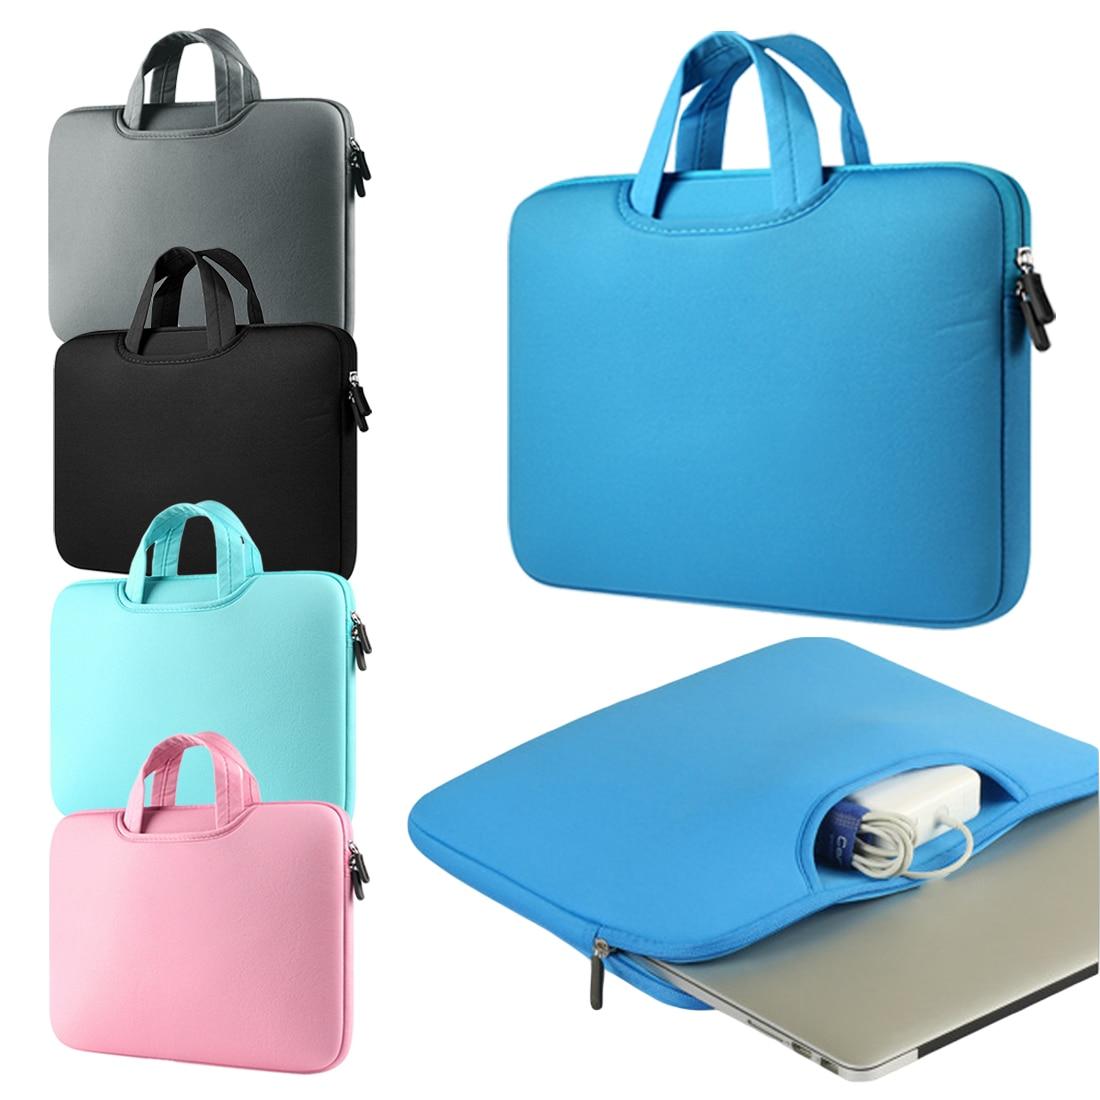 Sacos de portátil 11.6 13.3 15.4 15.6 Polegada saco portátil 13.3 para macbook ar pro 13 caso bolsa para portátil 11,13, 15 Polegada caso protetor